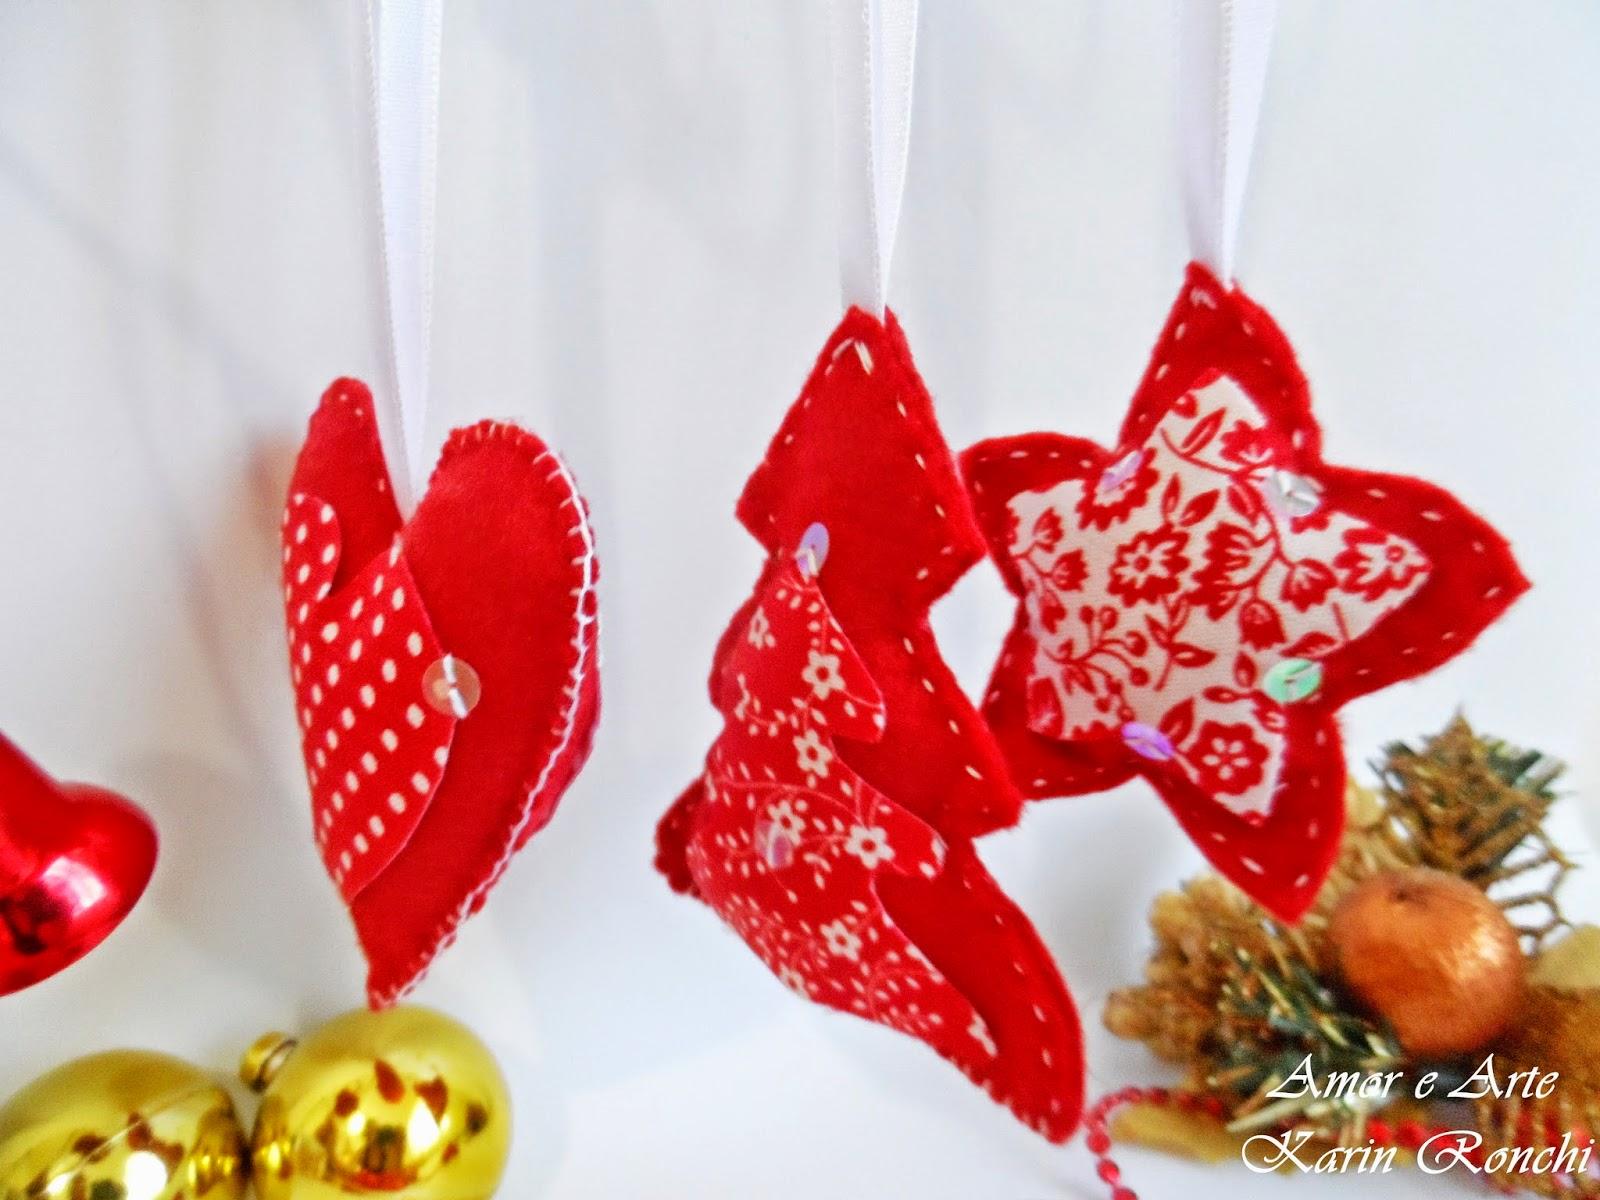 Ornamentos natalinos em feltro - vermelho e branco